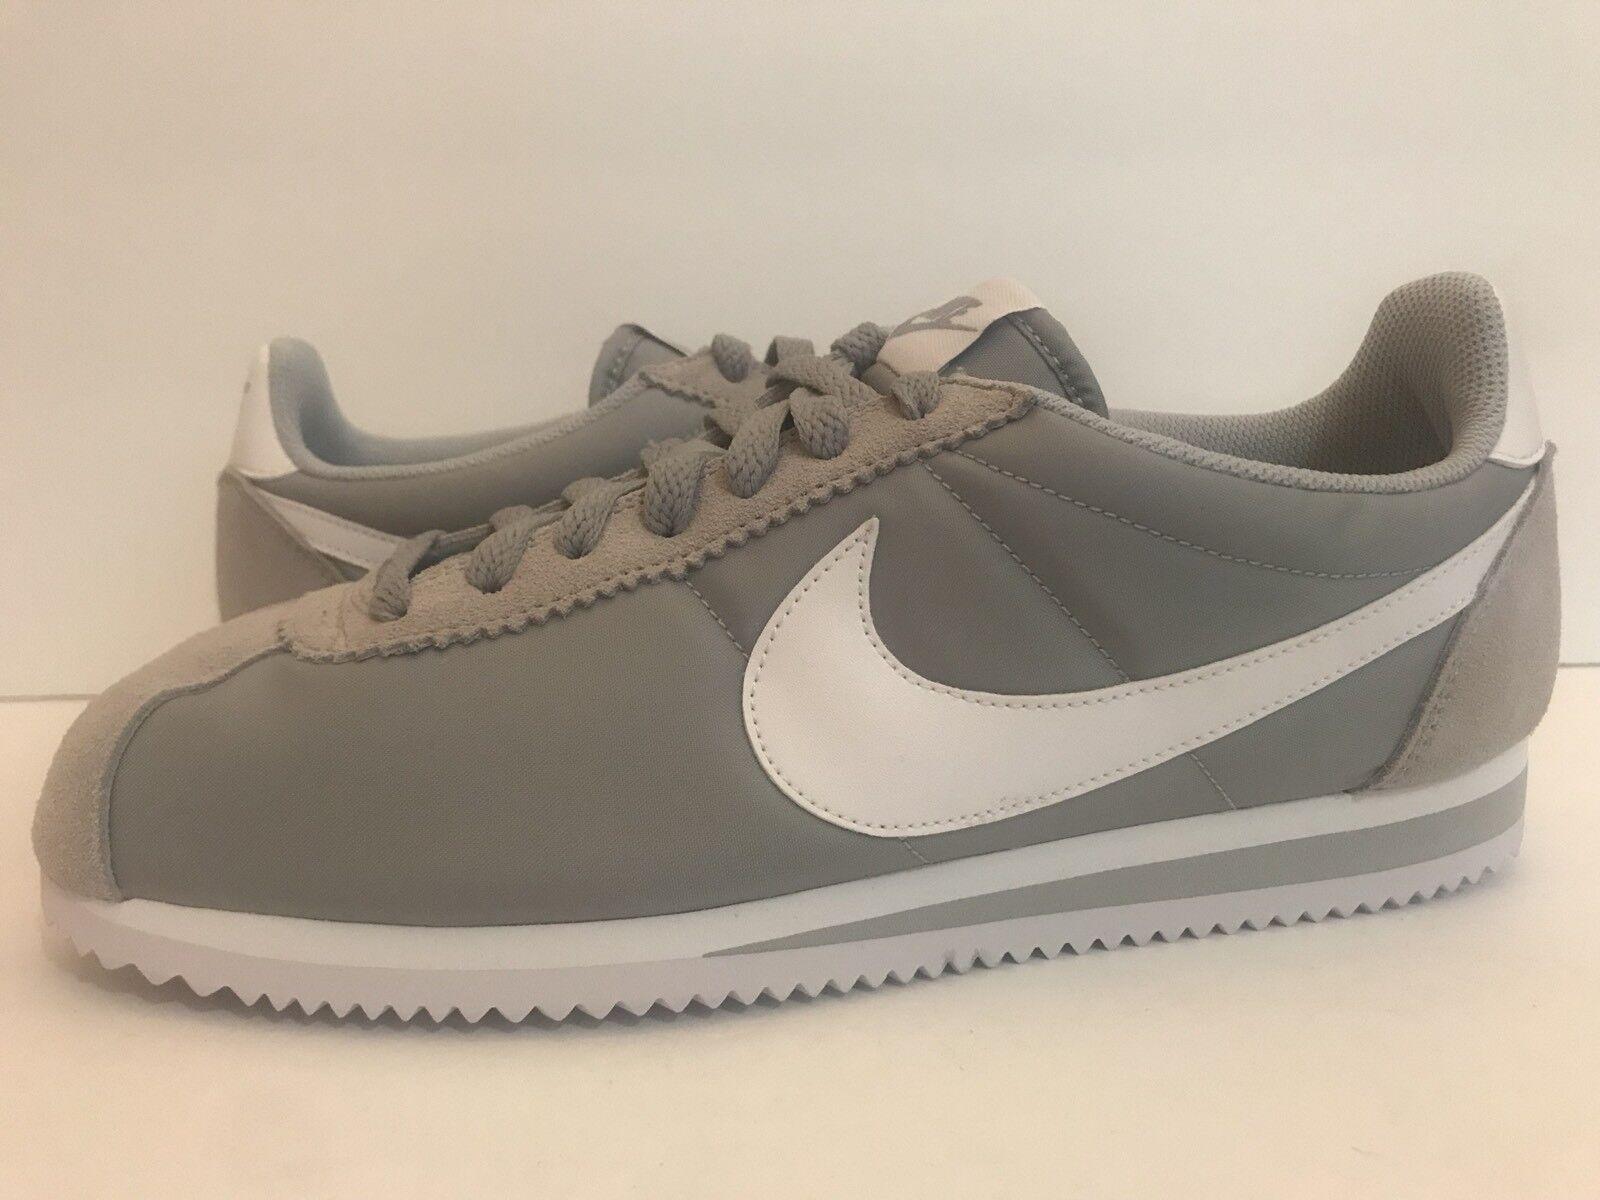 Nike classico cortez nylon / wolf 807472-010 / grigio / bianco 807472-010 wolf sz 4fde65